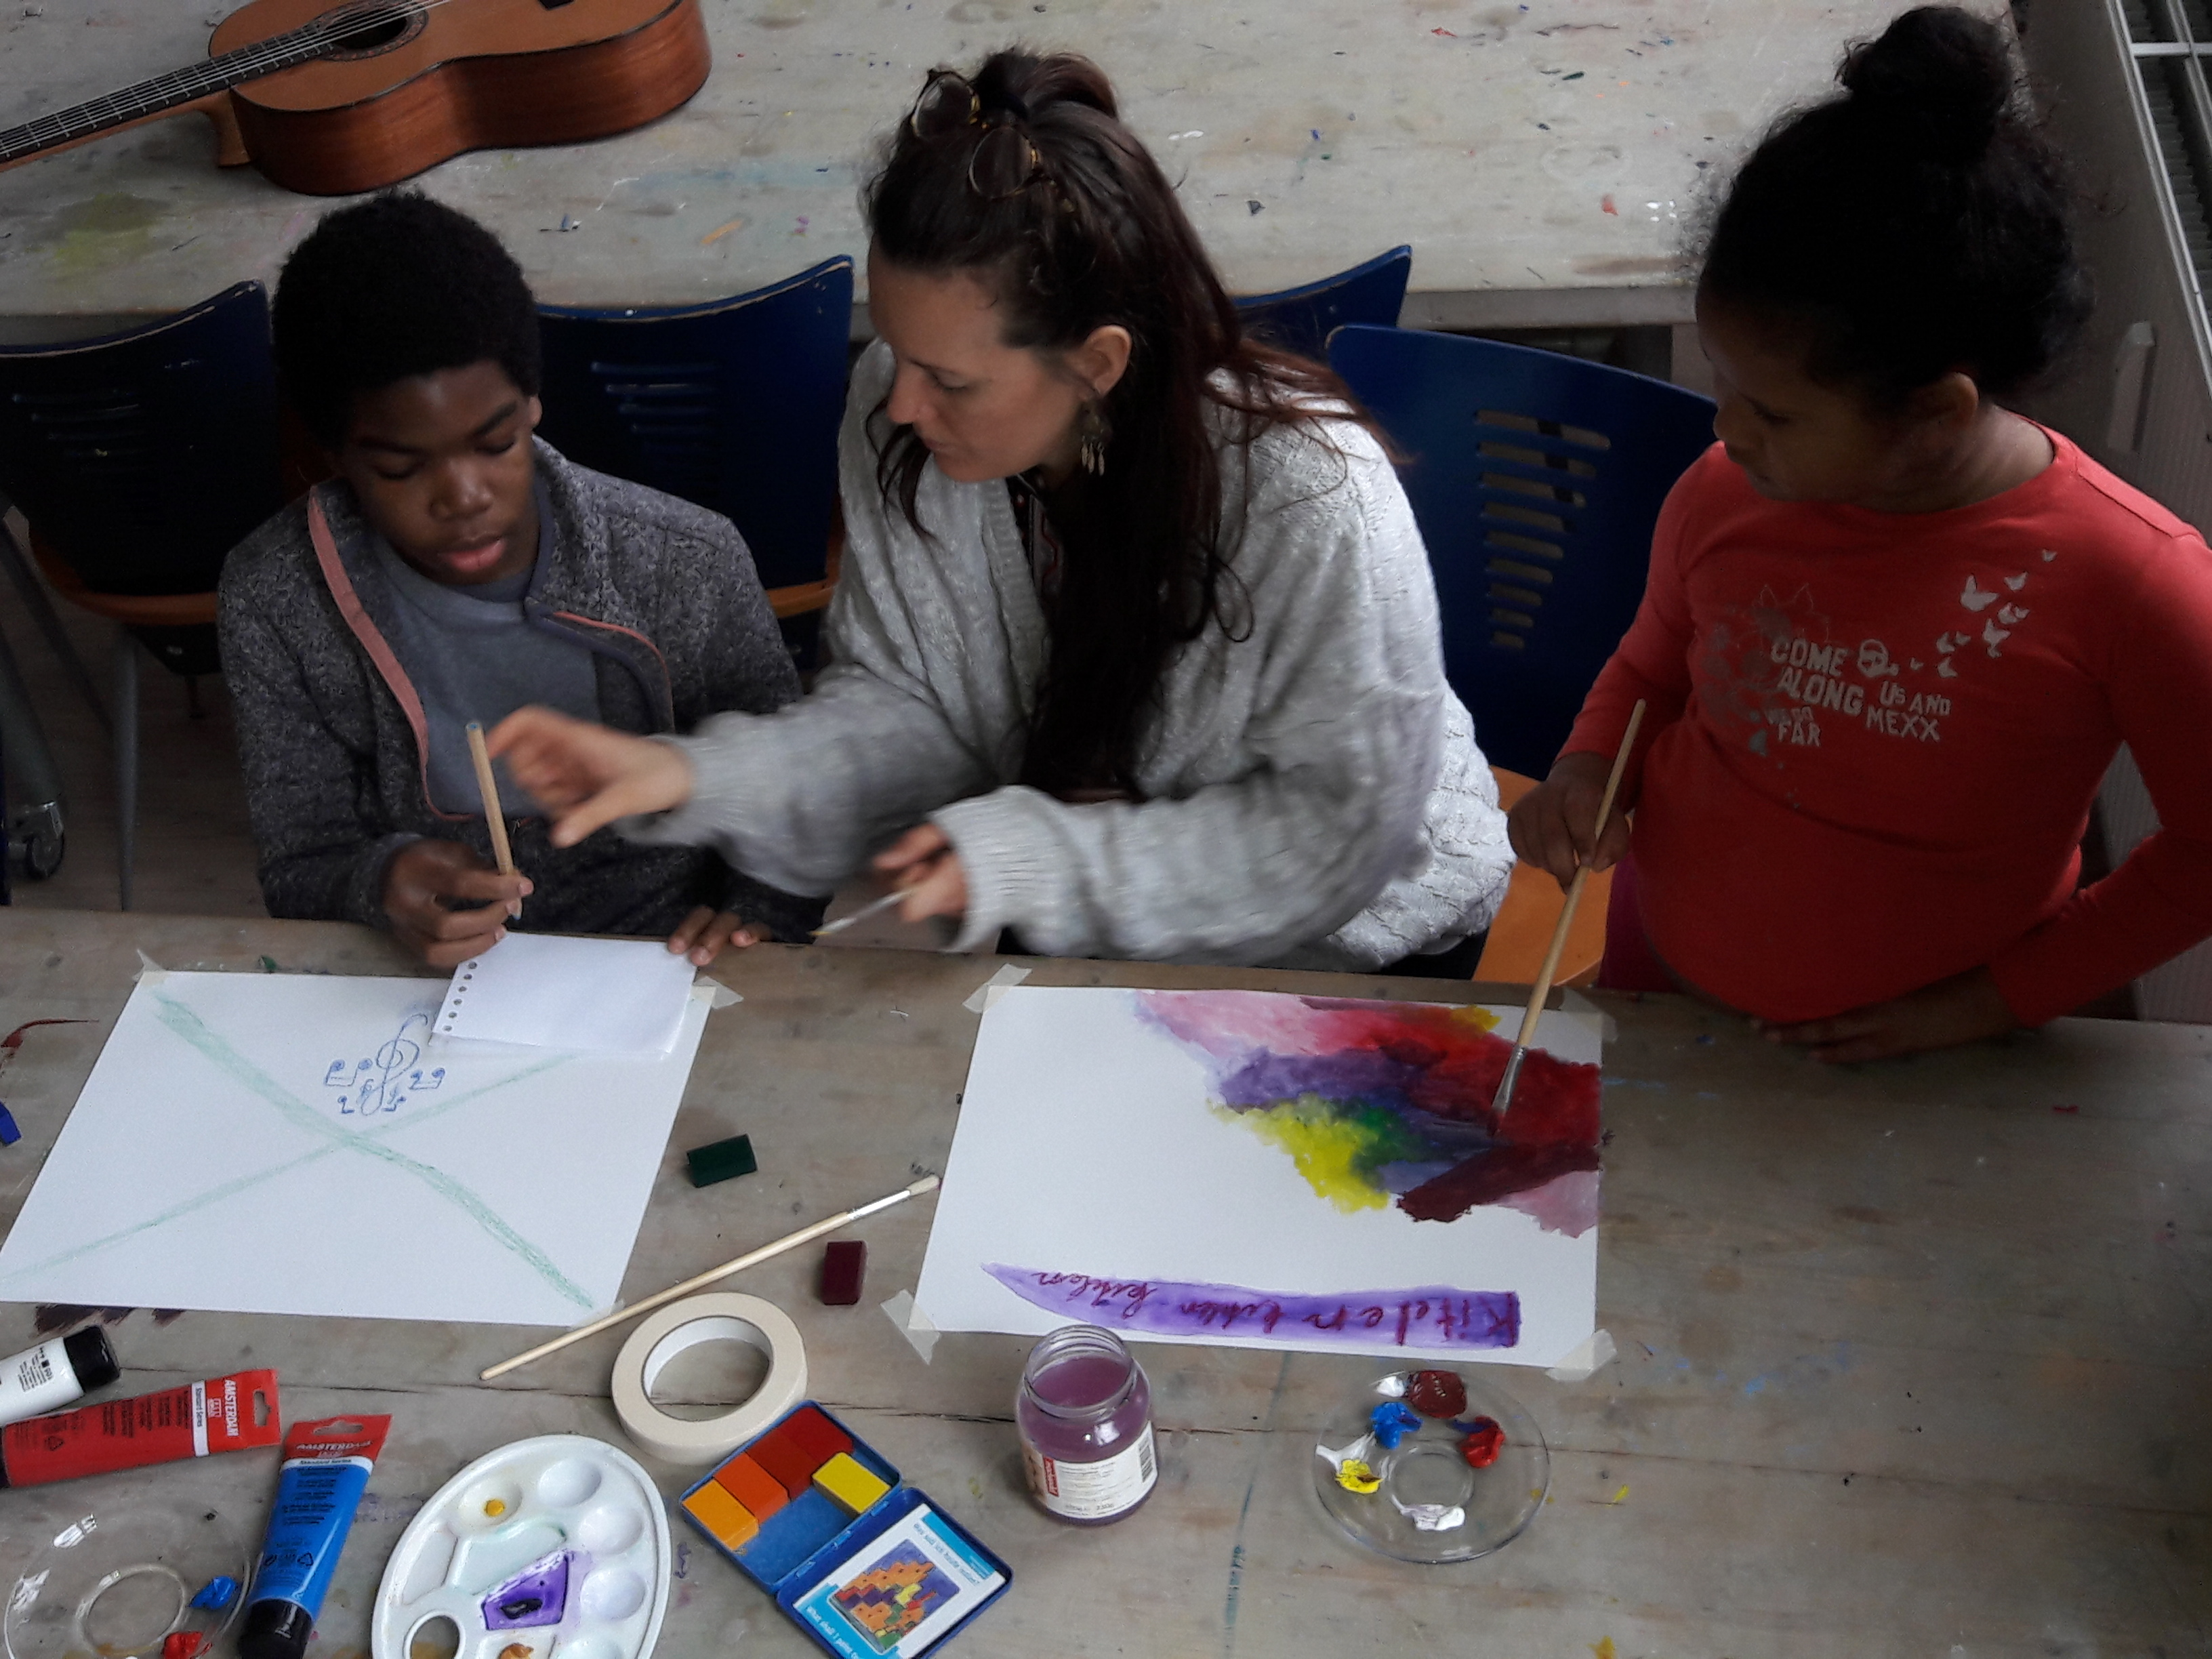 Schilder lied workshop kinderen